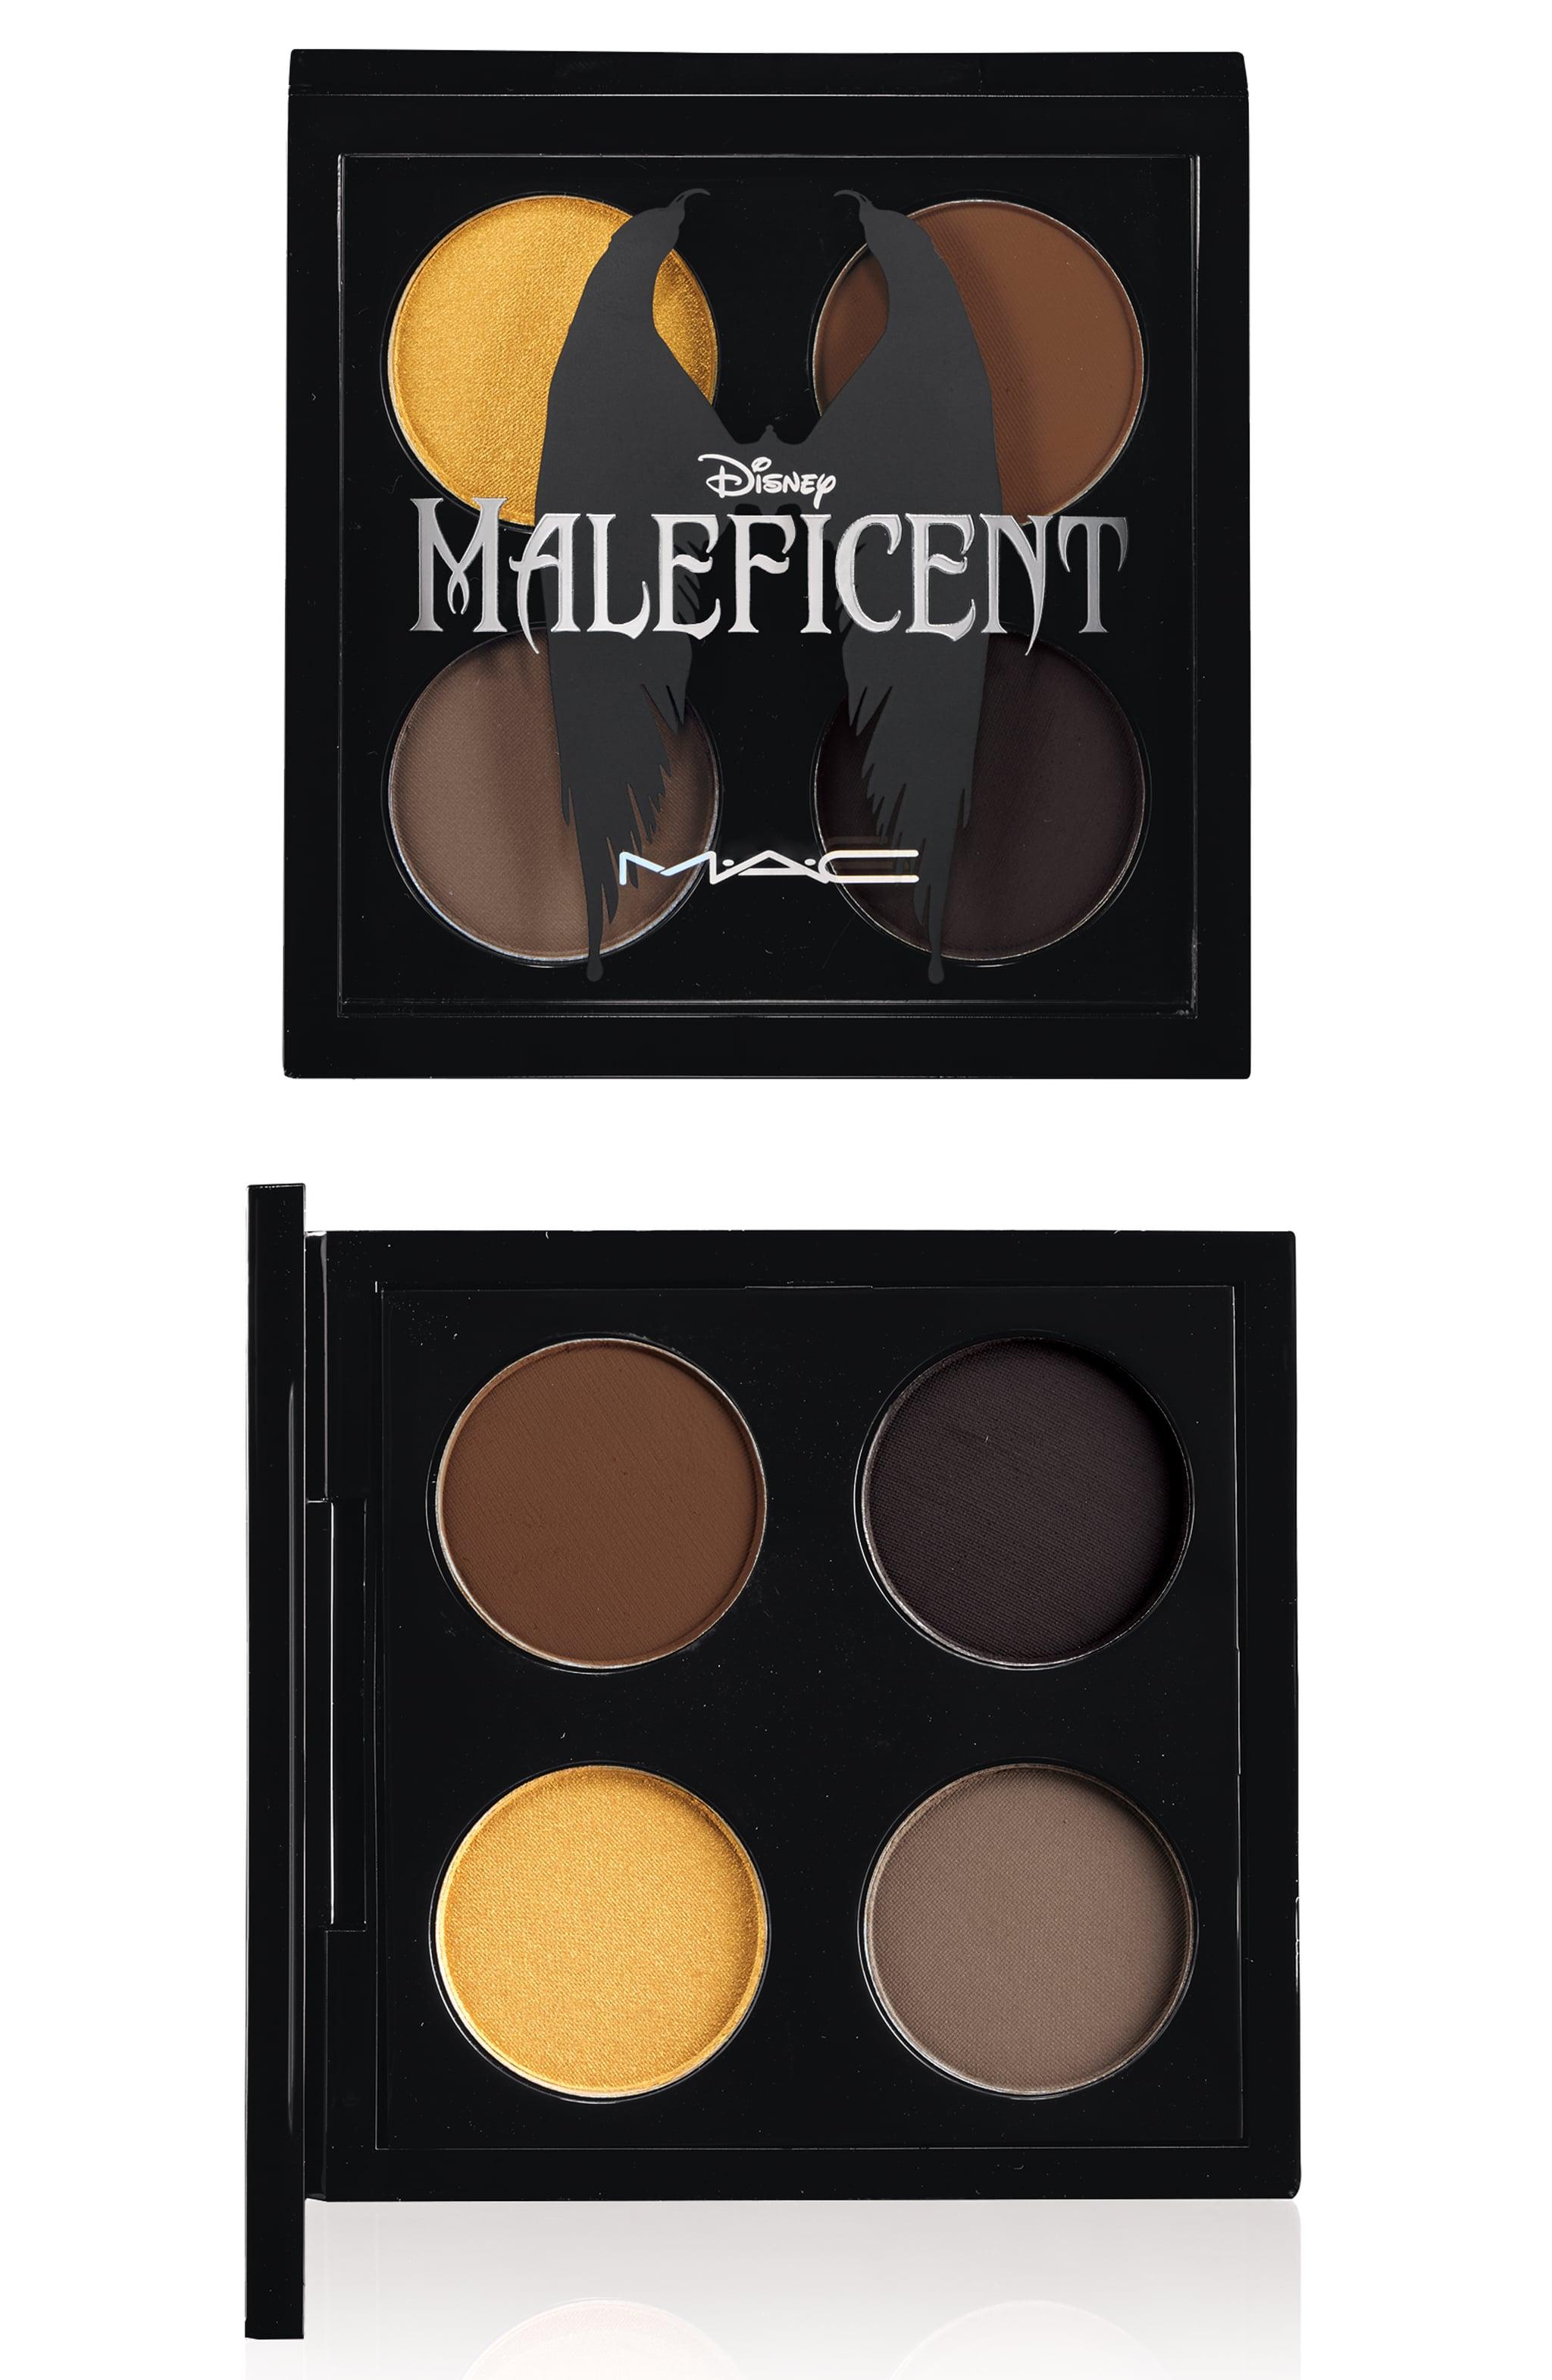 Maleficent Palette ($44)